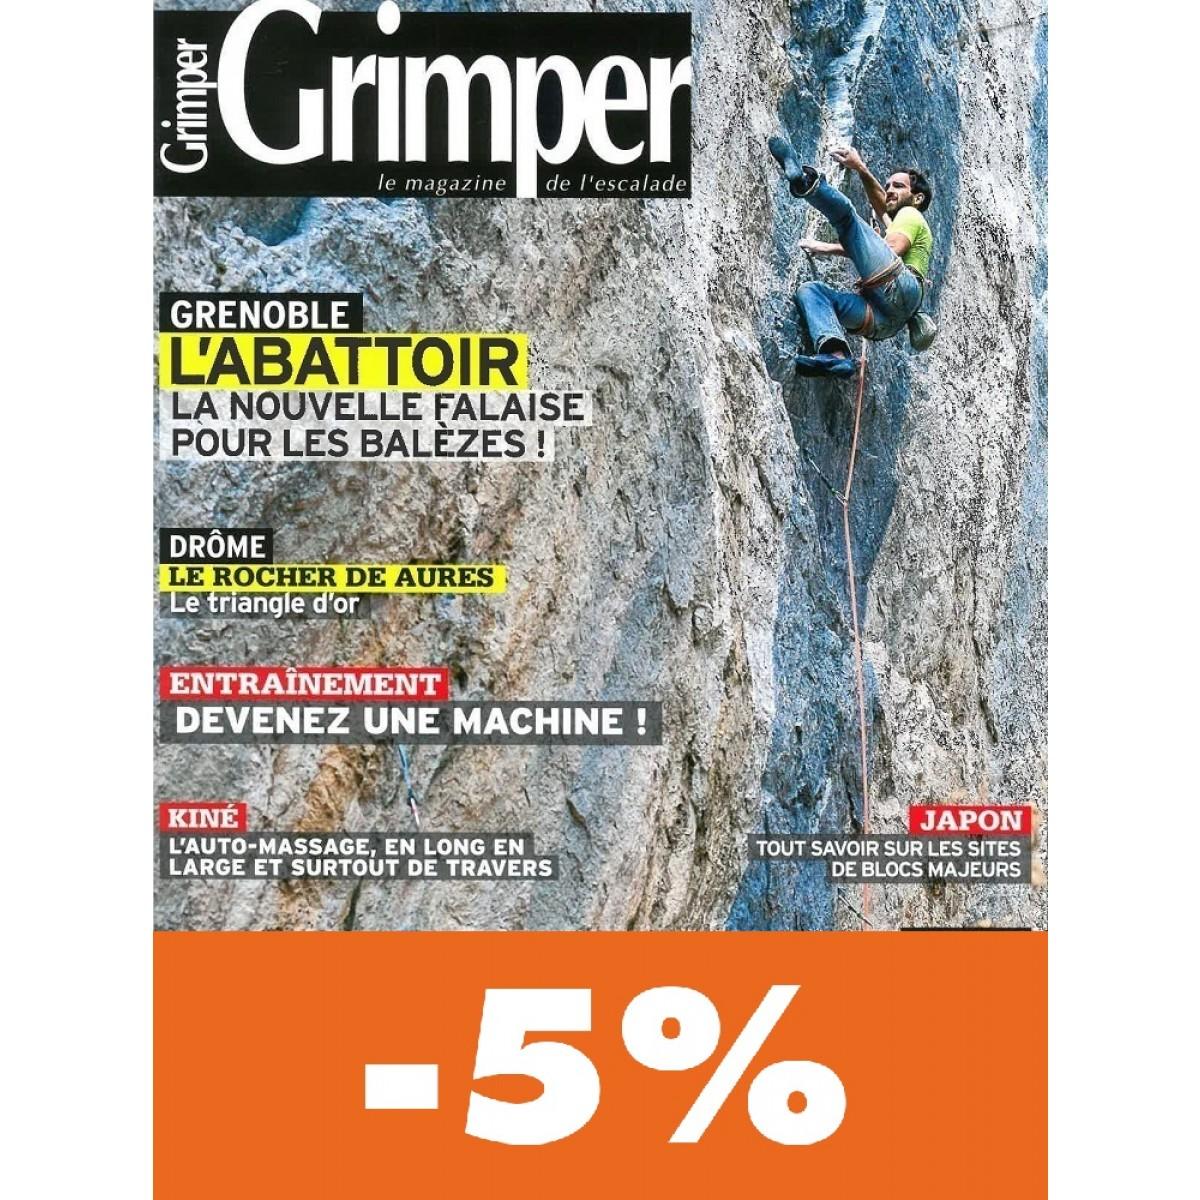 abonnement grimper magazine pas cher mag24 discount. Black Bedroom Furniture Sets. Home Design Ideas